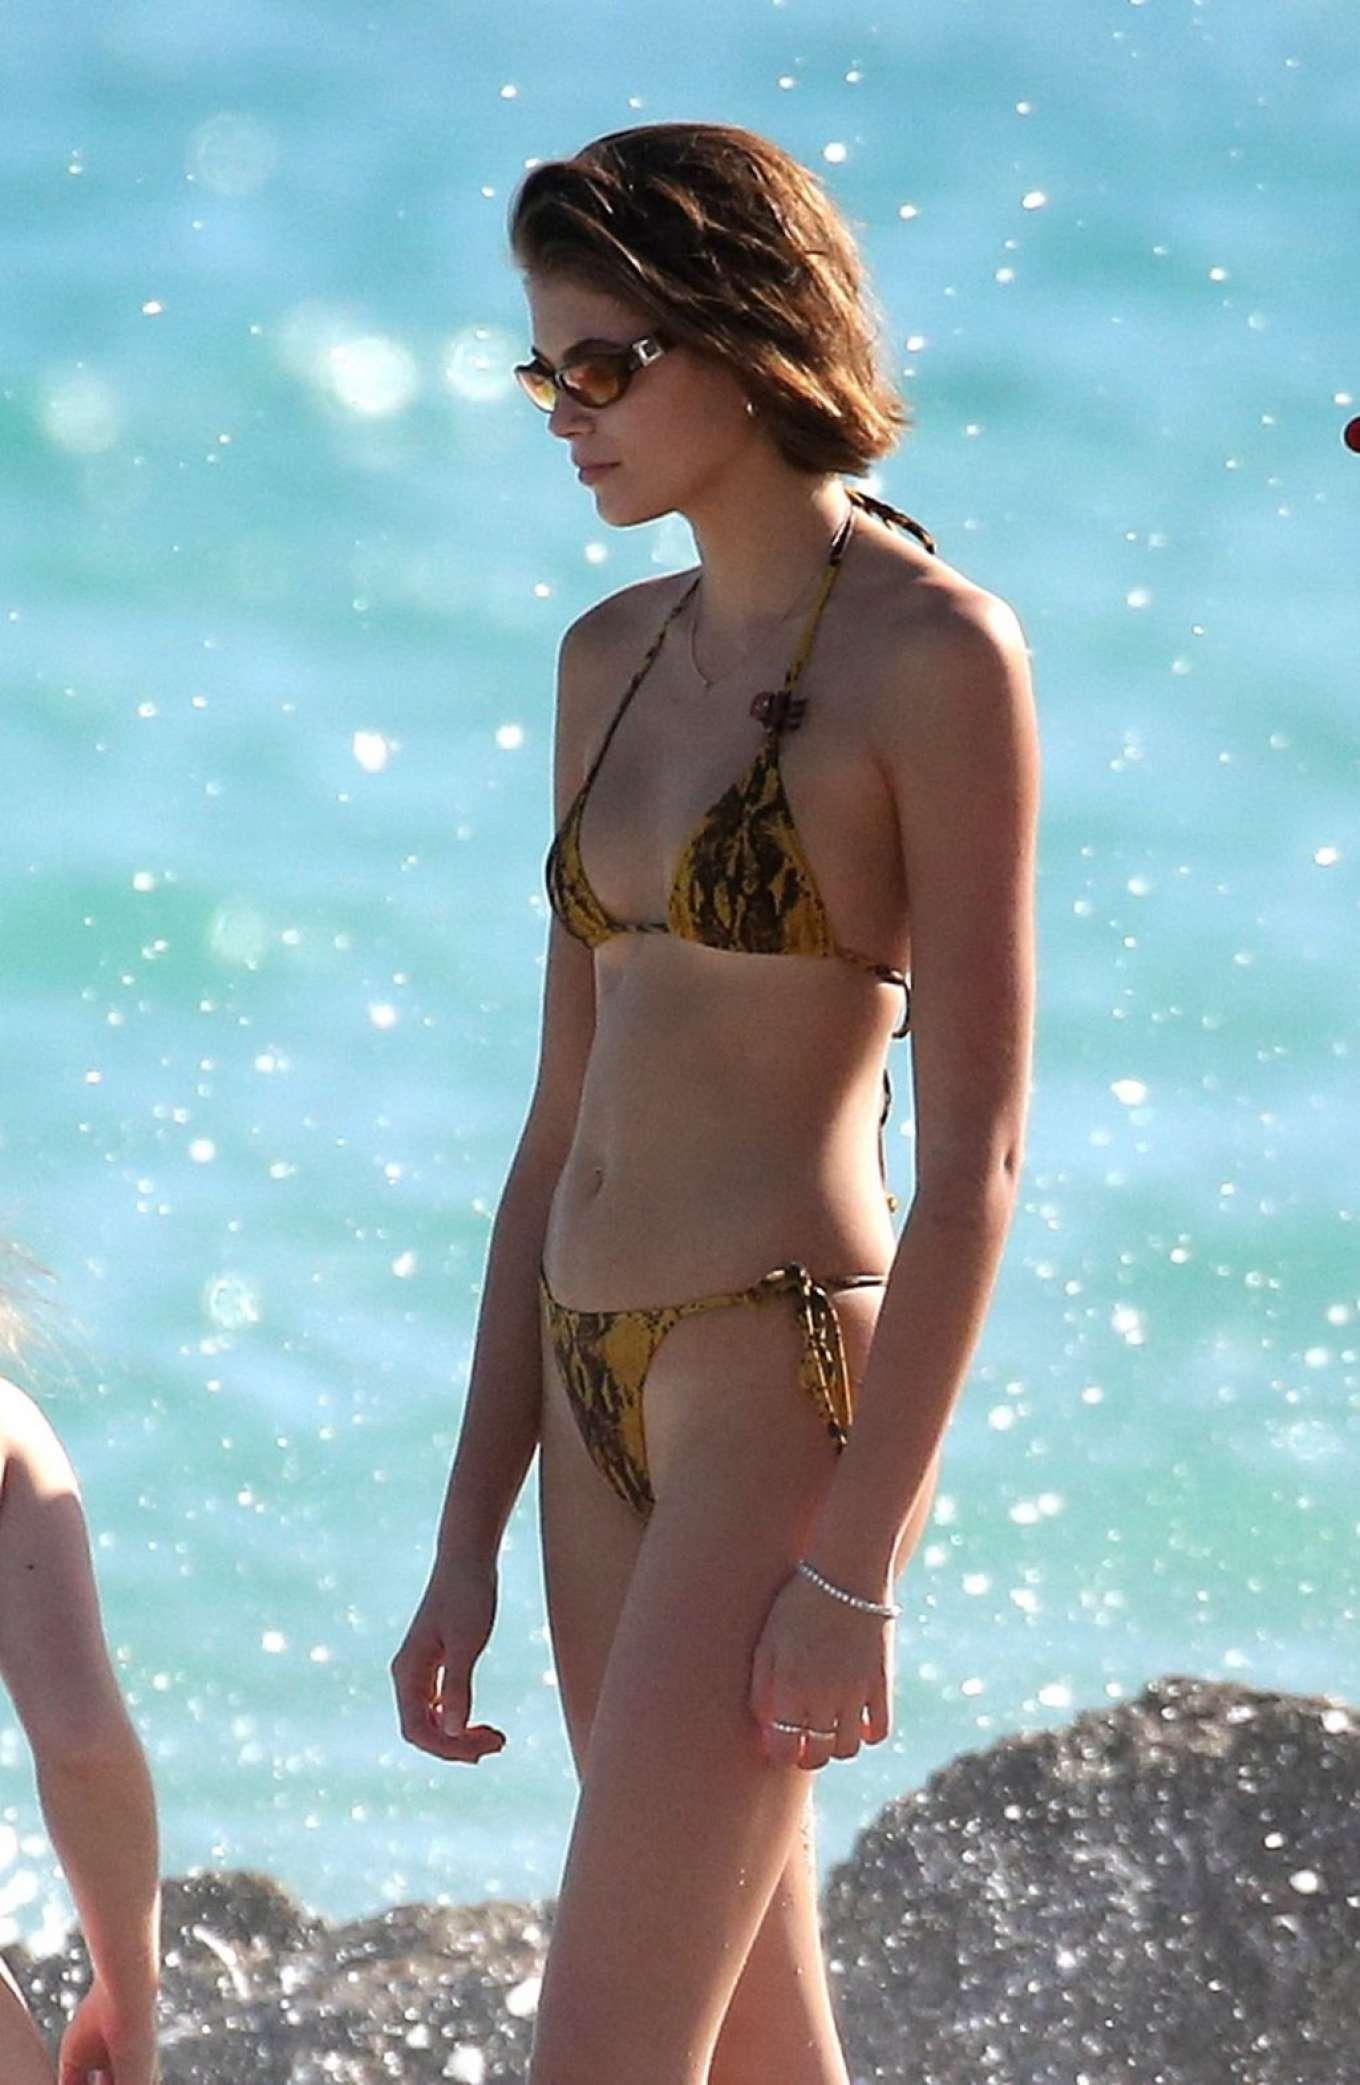 Kaia Gerber In Bikini 2019 15 Gotceleb